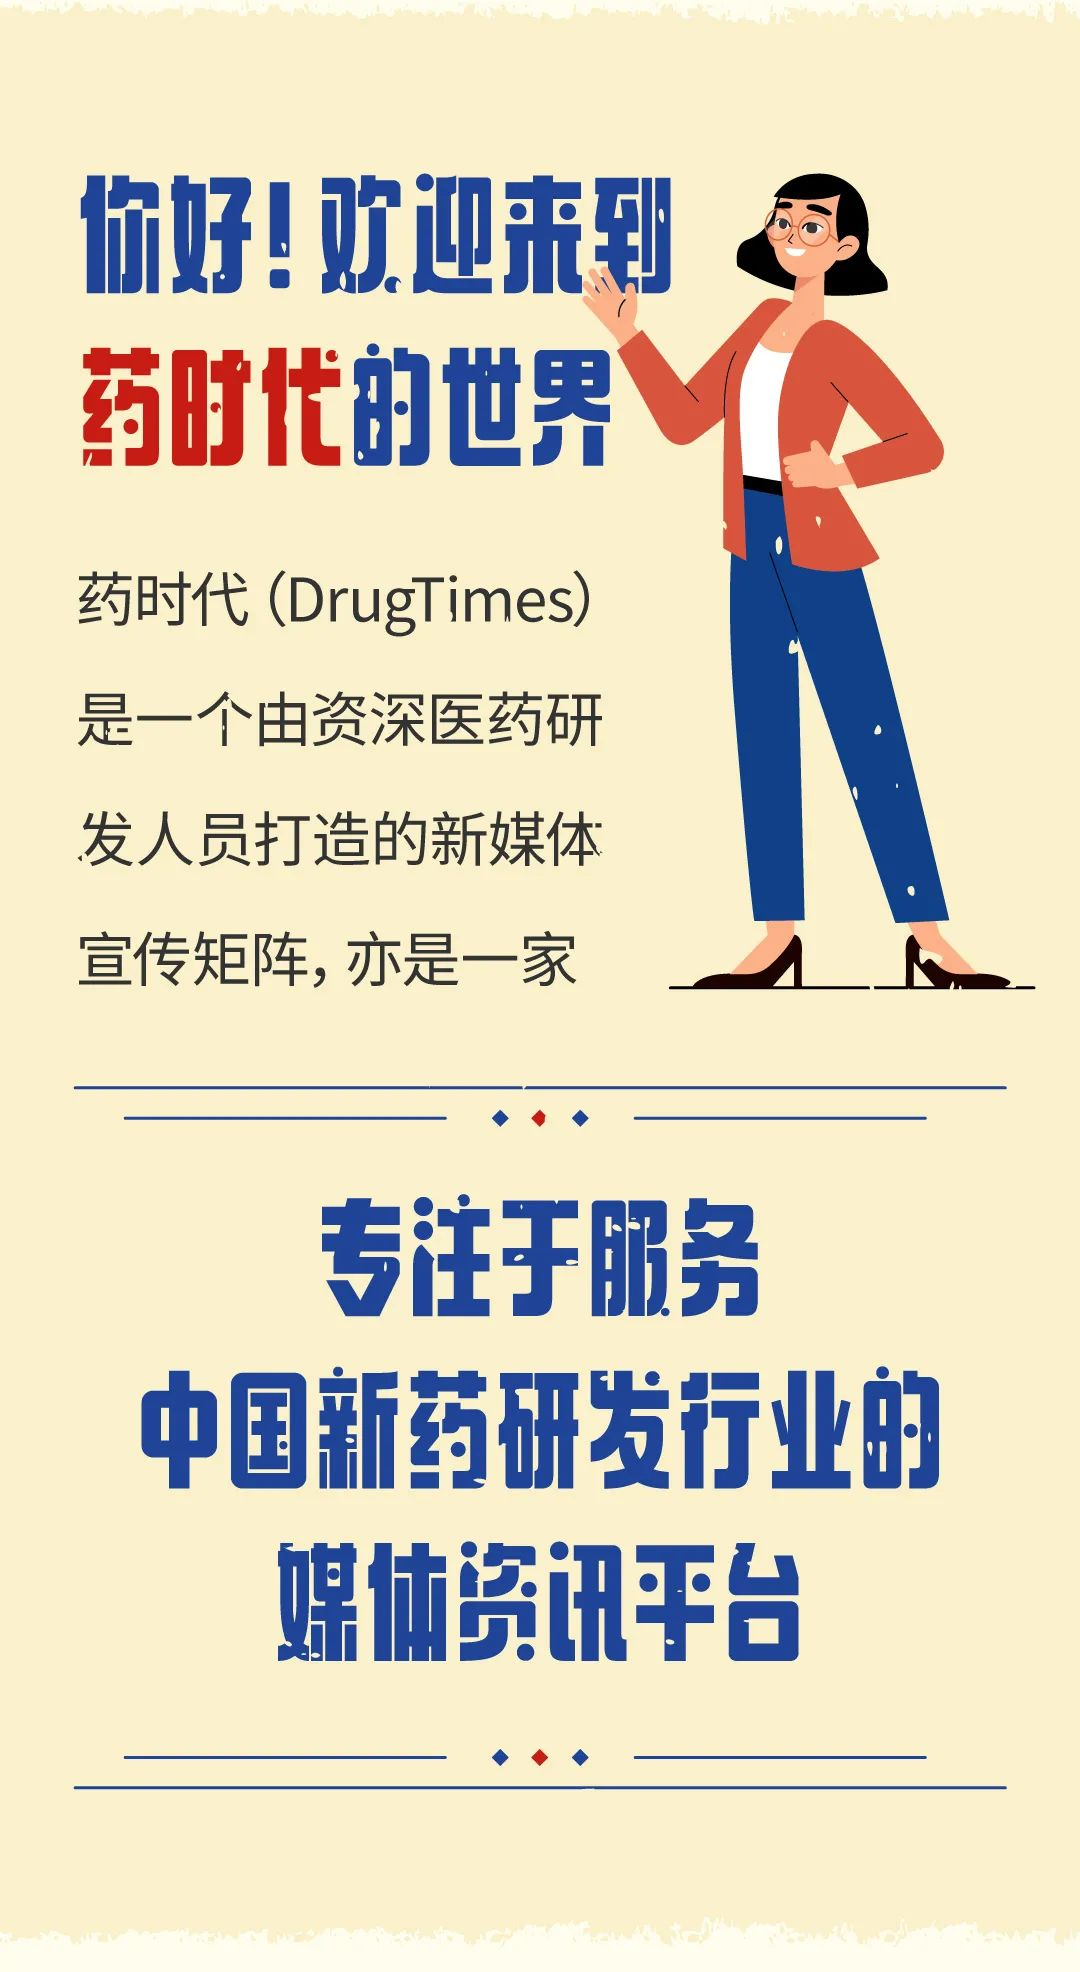 少年,我们一起记录中国新药研发的觉醒年代!